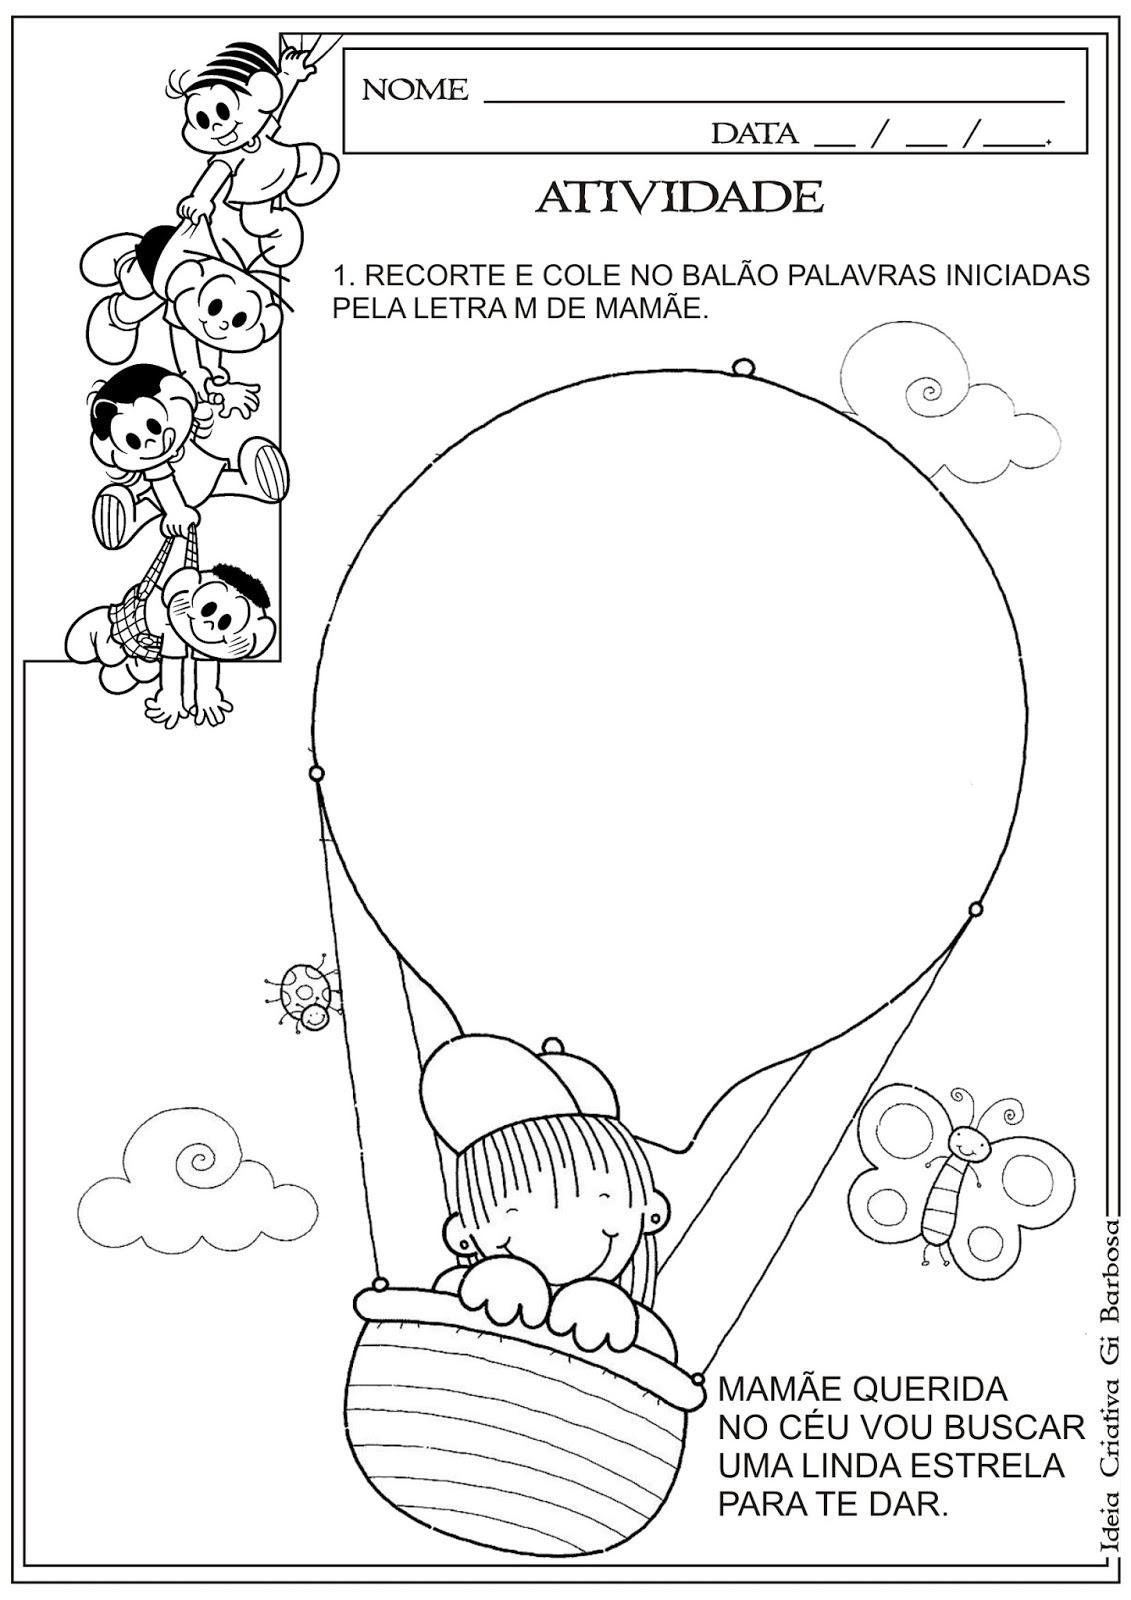 Suficiente Atividade Dia das Mães - Recorte e Colagem Letra Inicial | Ideia  OA92